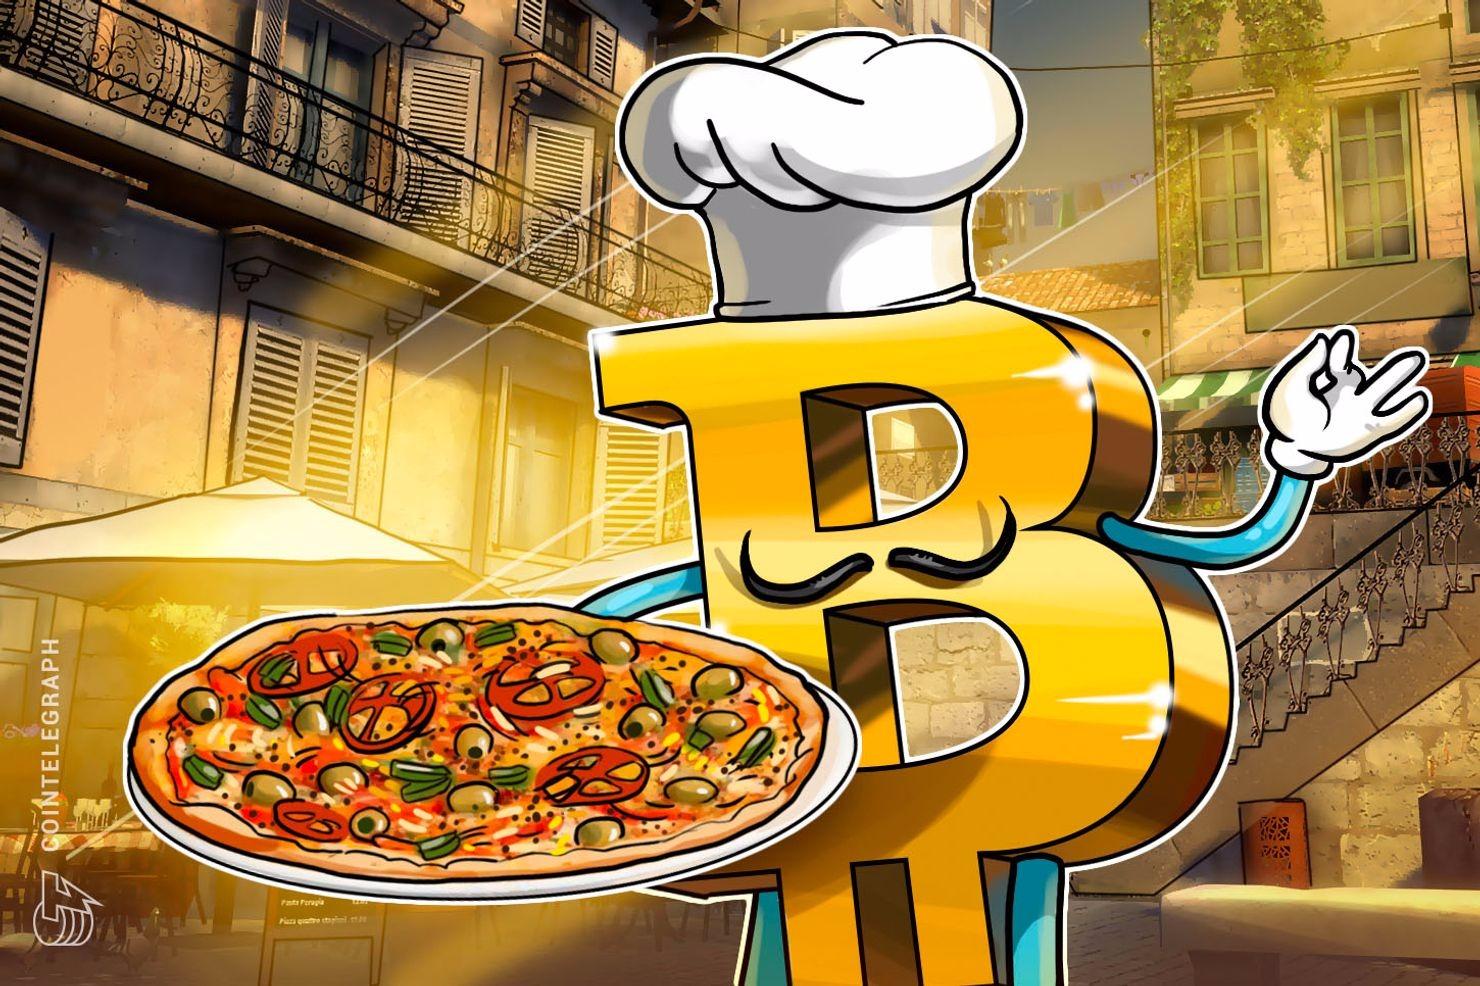 ピザ2枚 1万ビットコイン